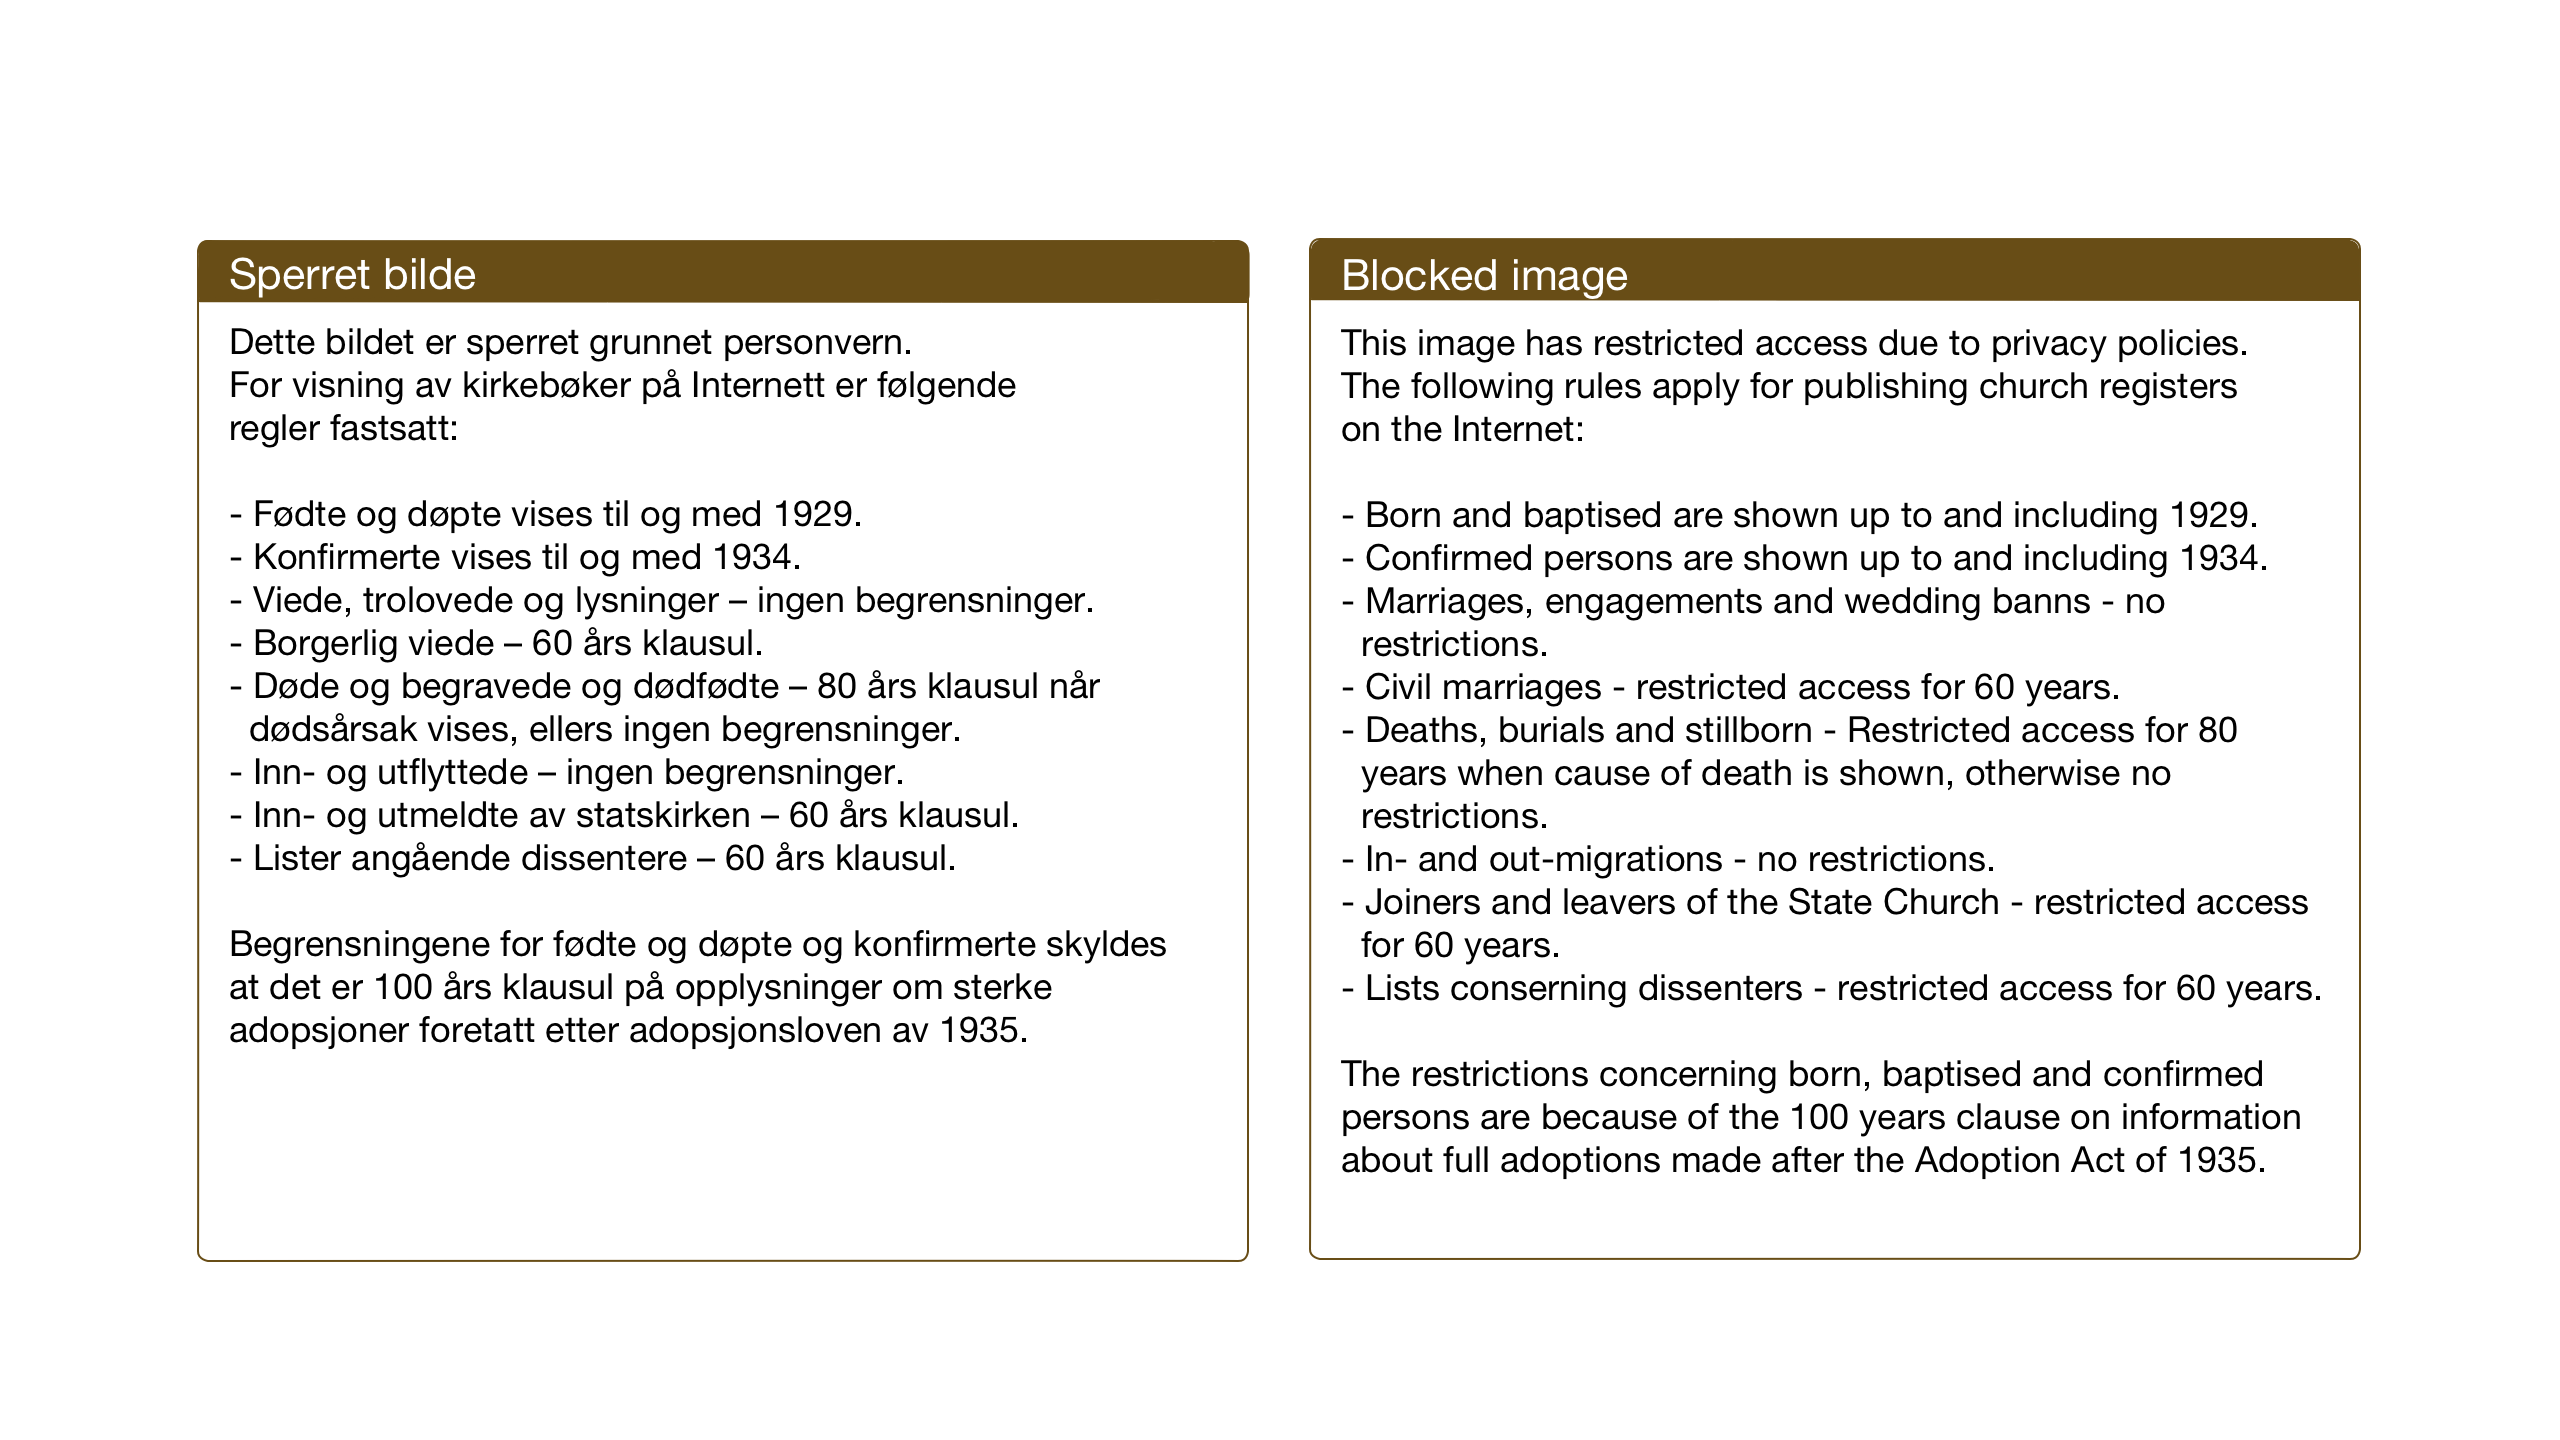 SAT, Ministerialprotokoller, klokkerbøker og fødselsregistre - Sør-Trøndelag, 605/L0264: Klokkerbok nr. 605C11, 1942-1949, s. 51